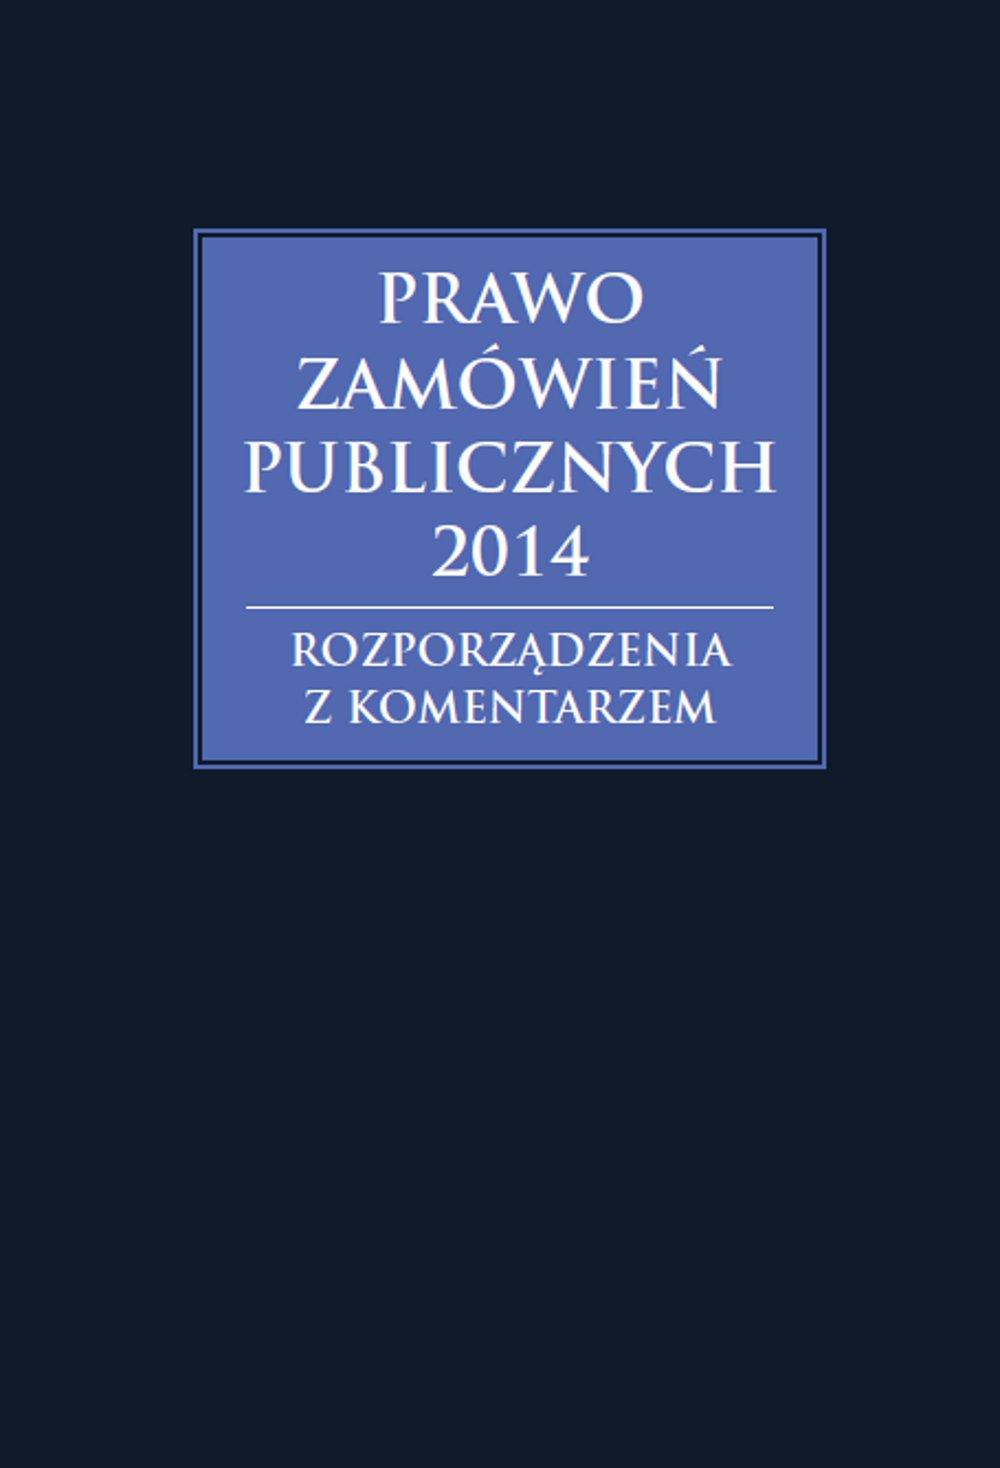 Prawo zamówień publicznych 2014. Rozporządzenia z komentarzem - Ebook (Książka na Kindle) do pobrania w formacie MOBI